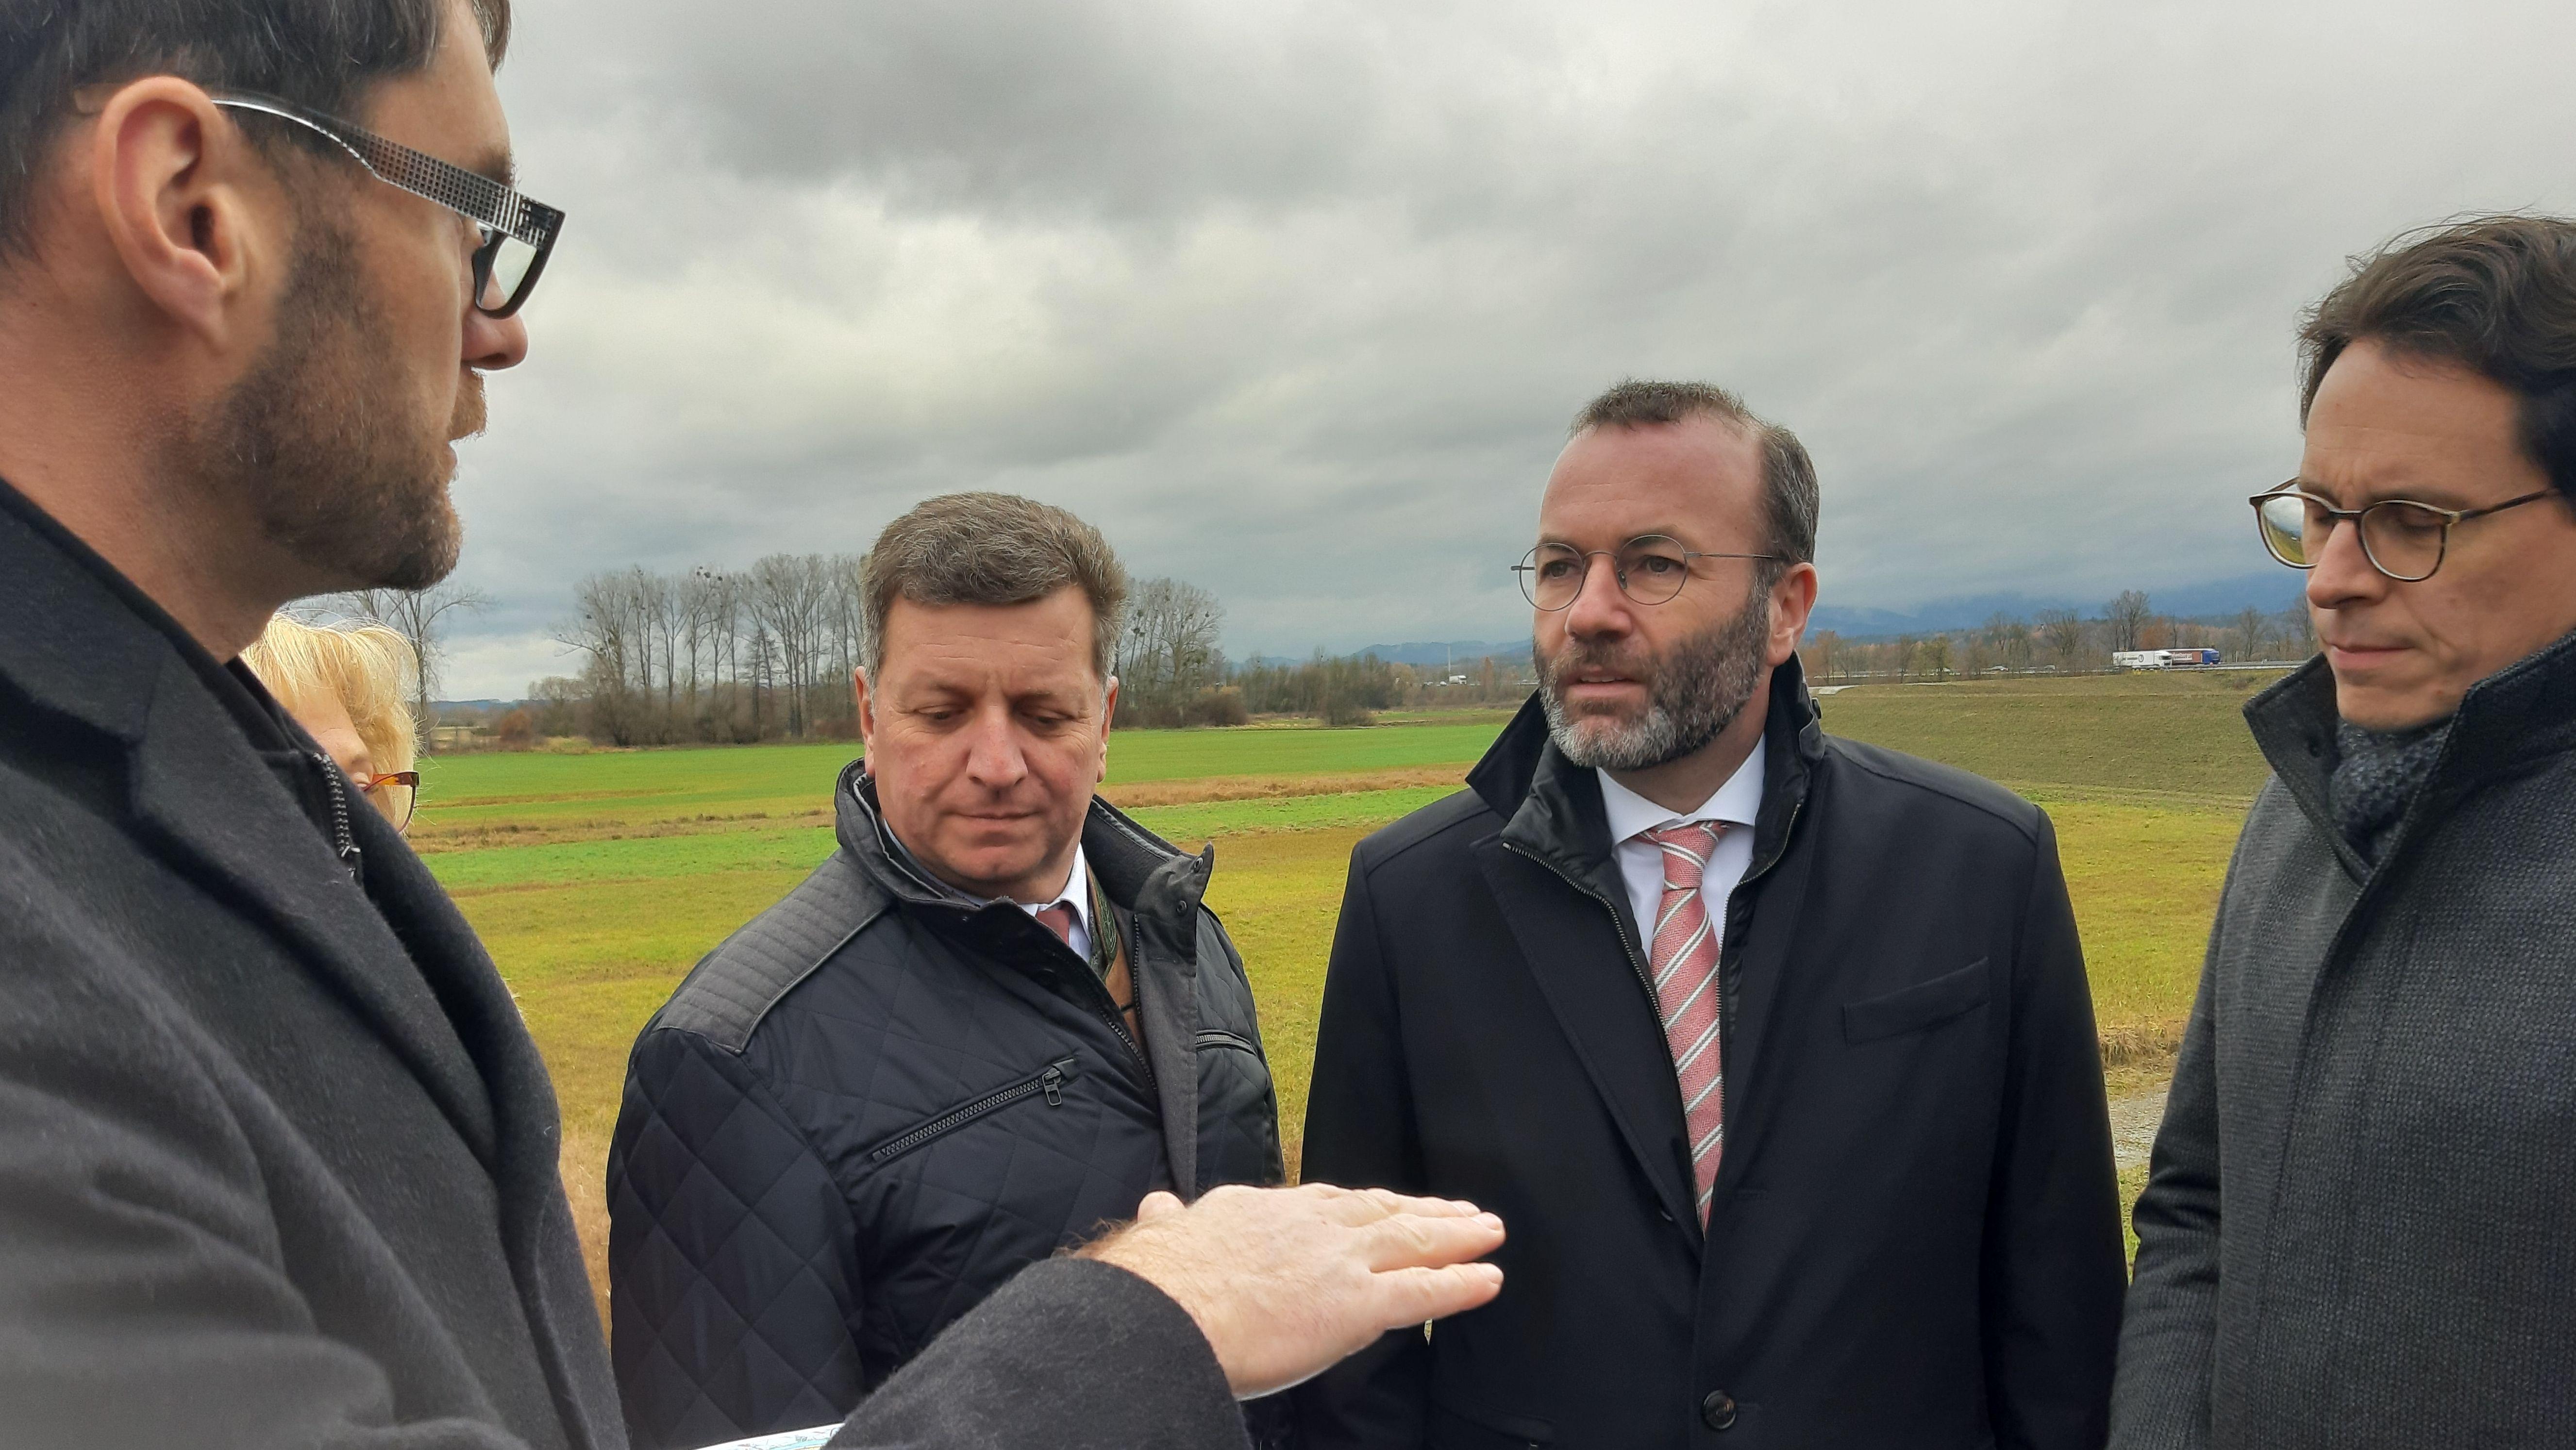 Ortstermin Natternberg mit dem Europaabgeordnete und EVP-Fraktionsvorsitzender Manfred Weber